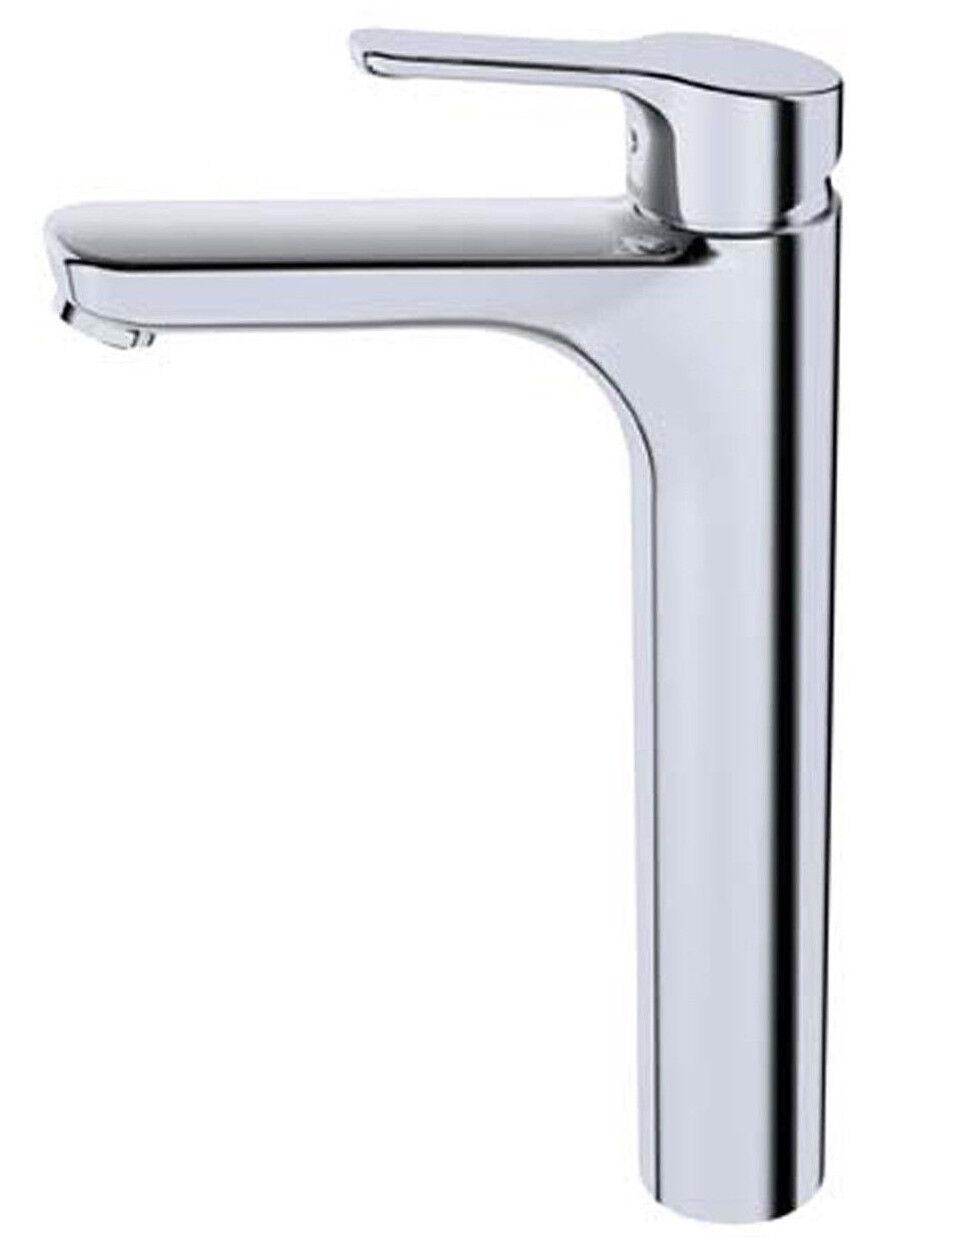 Hansa Eco Waschtisch Einhebelmischer Einhandmischer Sanibel 3001 7904705